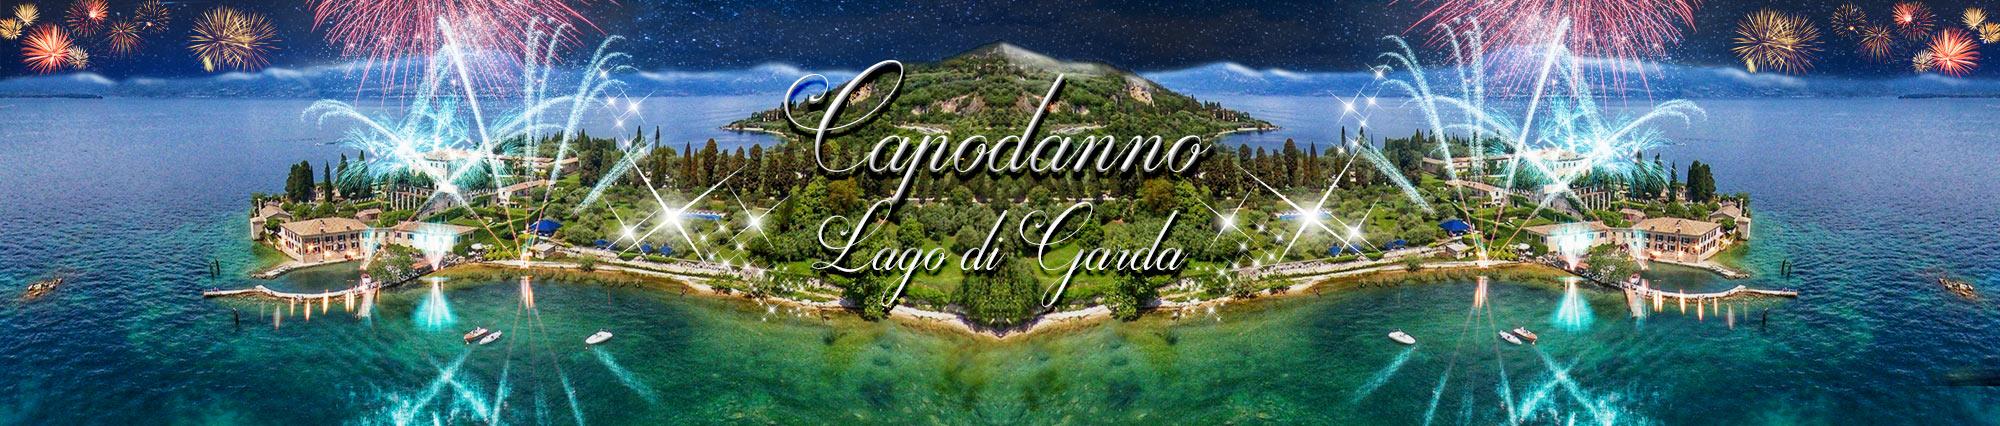 Capodanno Lago di Garda